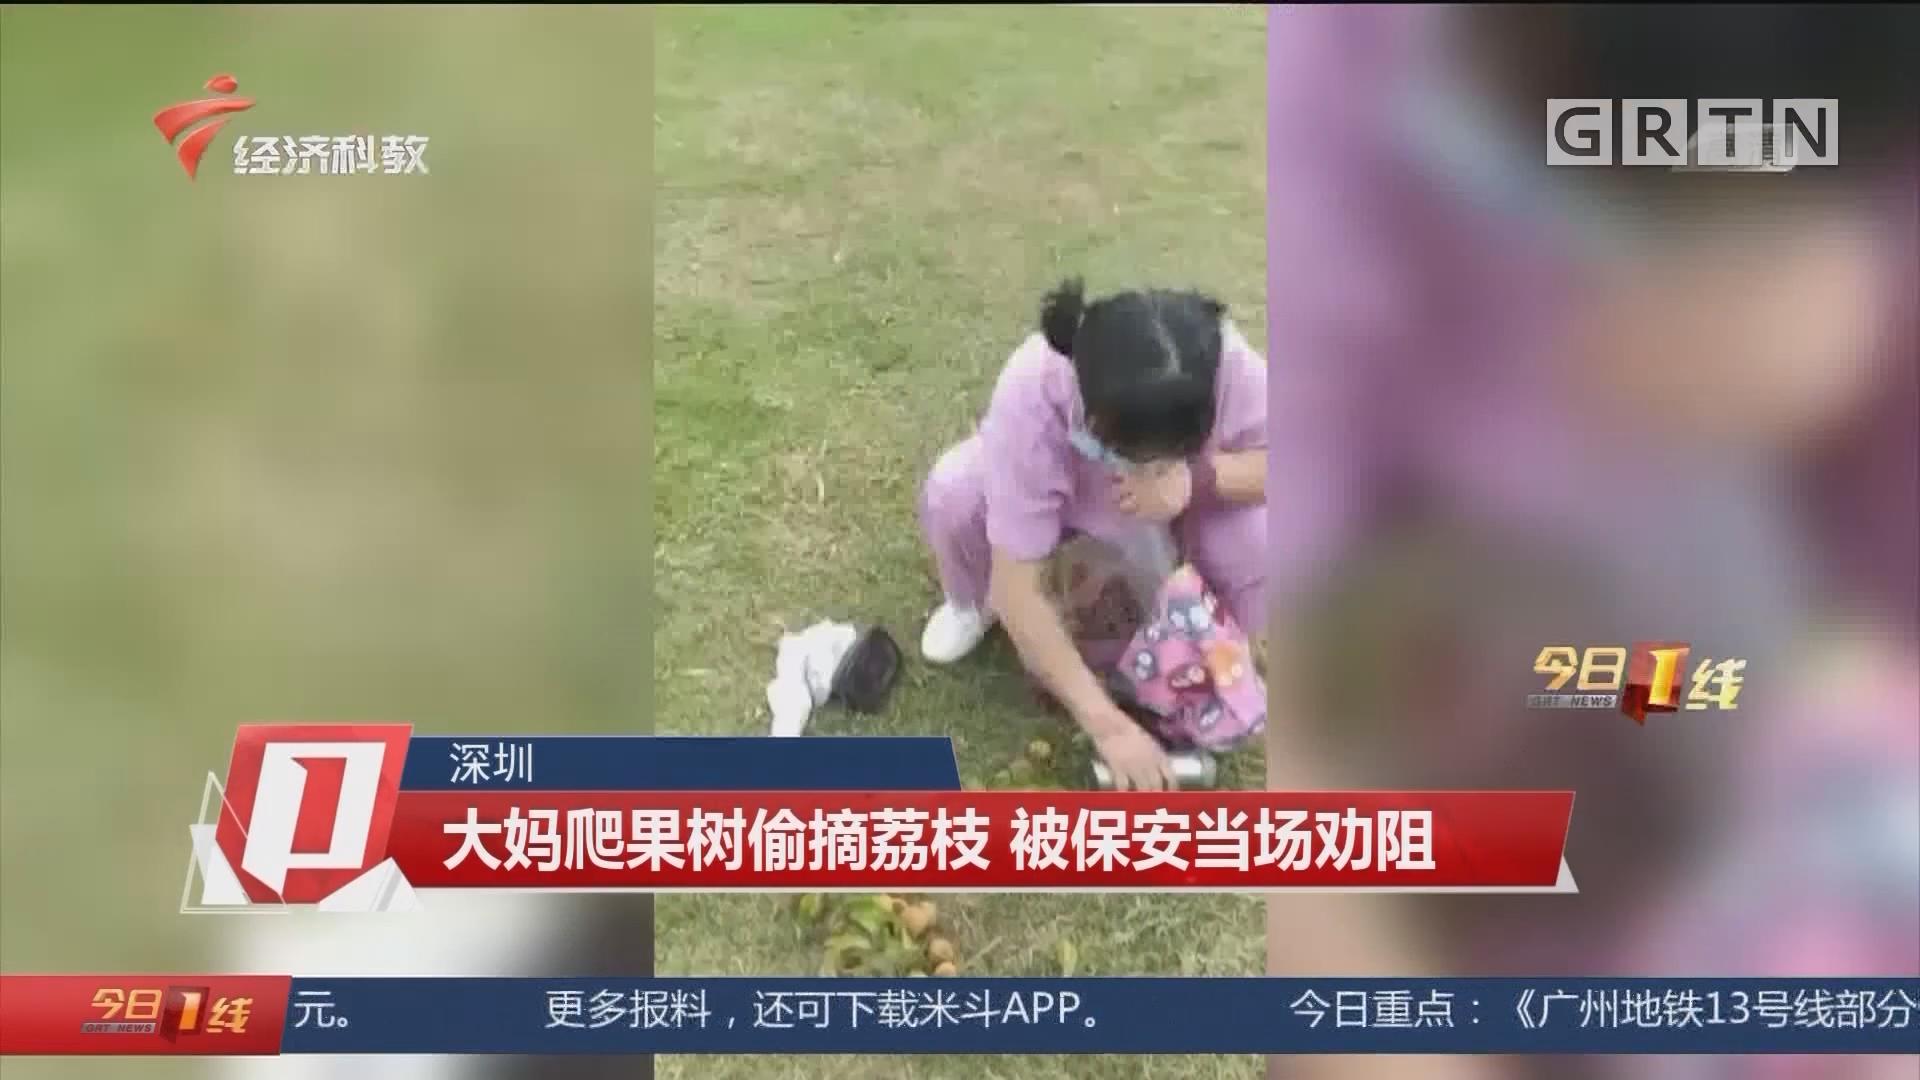 深圳 大媽爬果樹偷摘荔枝 被保安當場勸阻